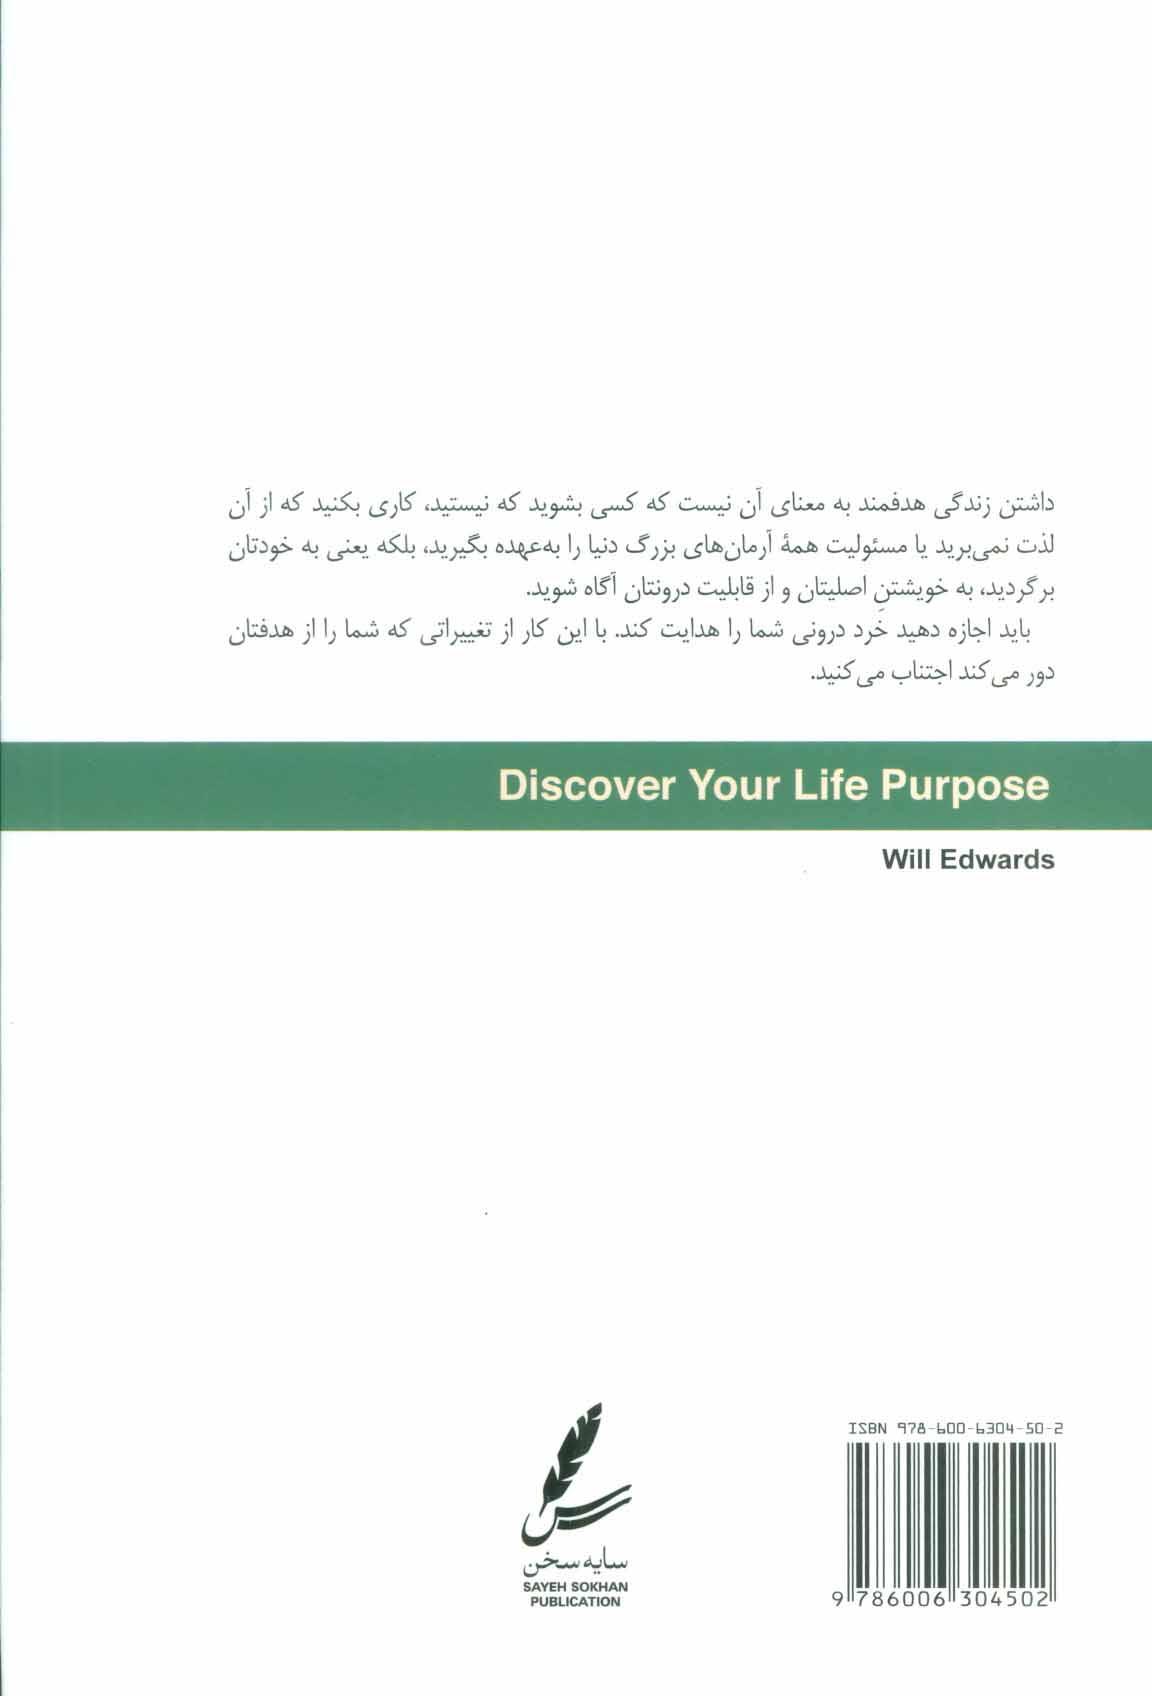 زندگی هدفمند (اهداف زندگی خود را کشف کنید)